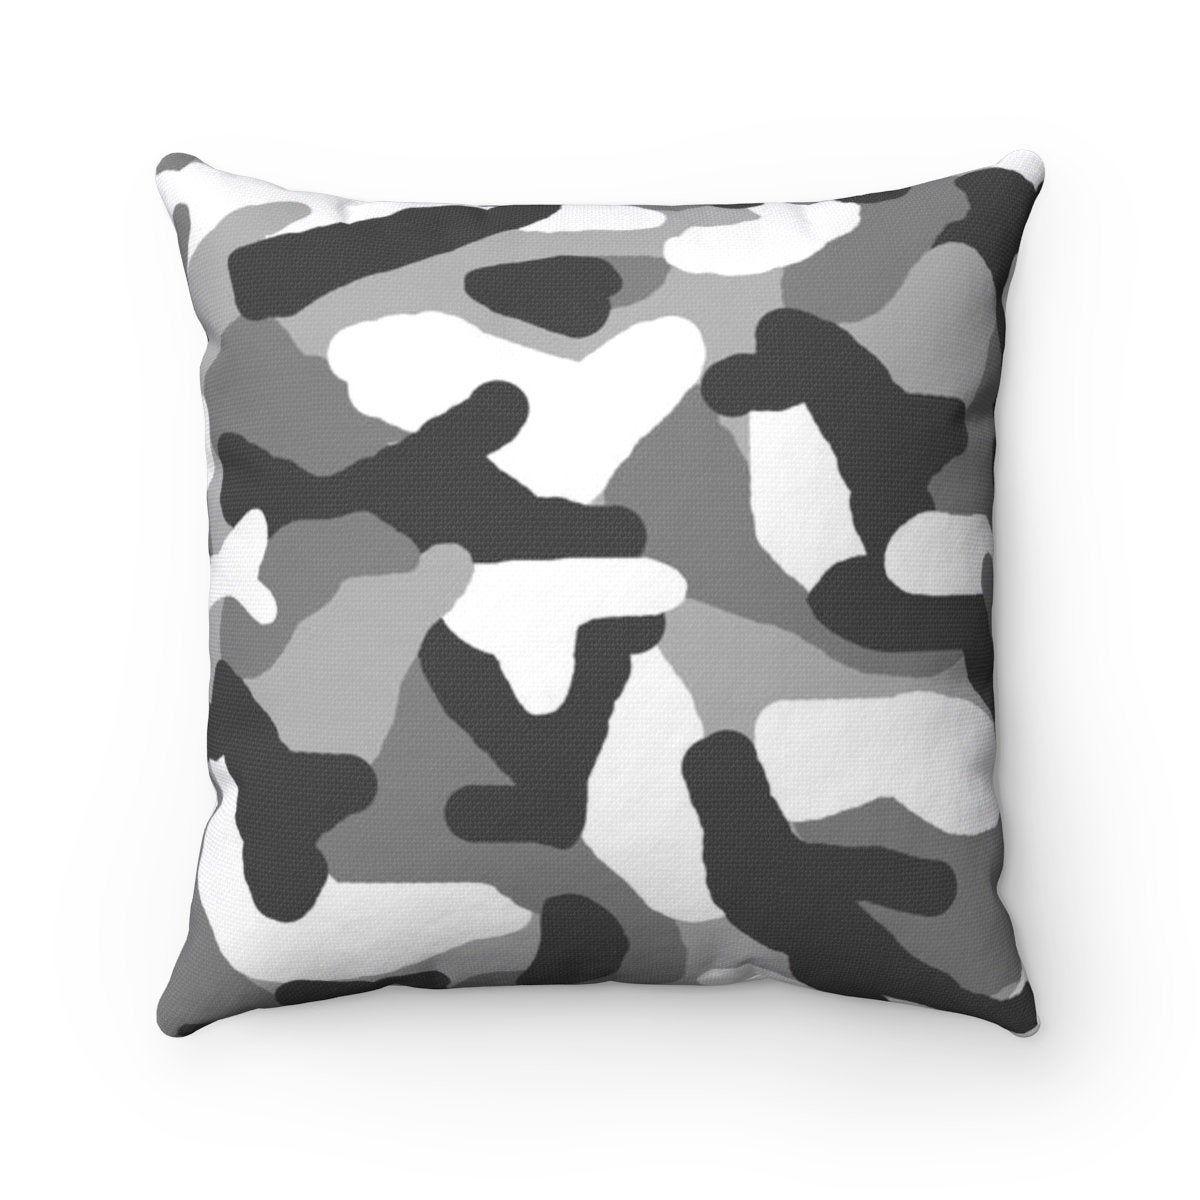 Gray Camo Pillow Spun Polyester Grey Camouflage Square Throw Etsy Pillows Accent Pillows Diy Farmhouse Sofa